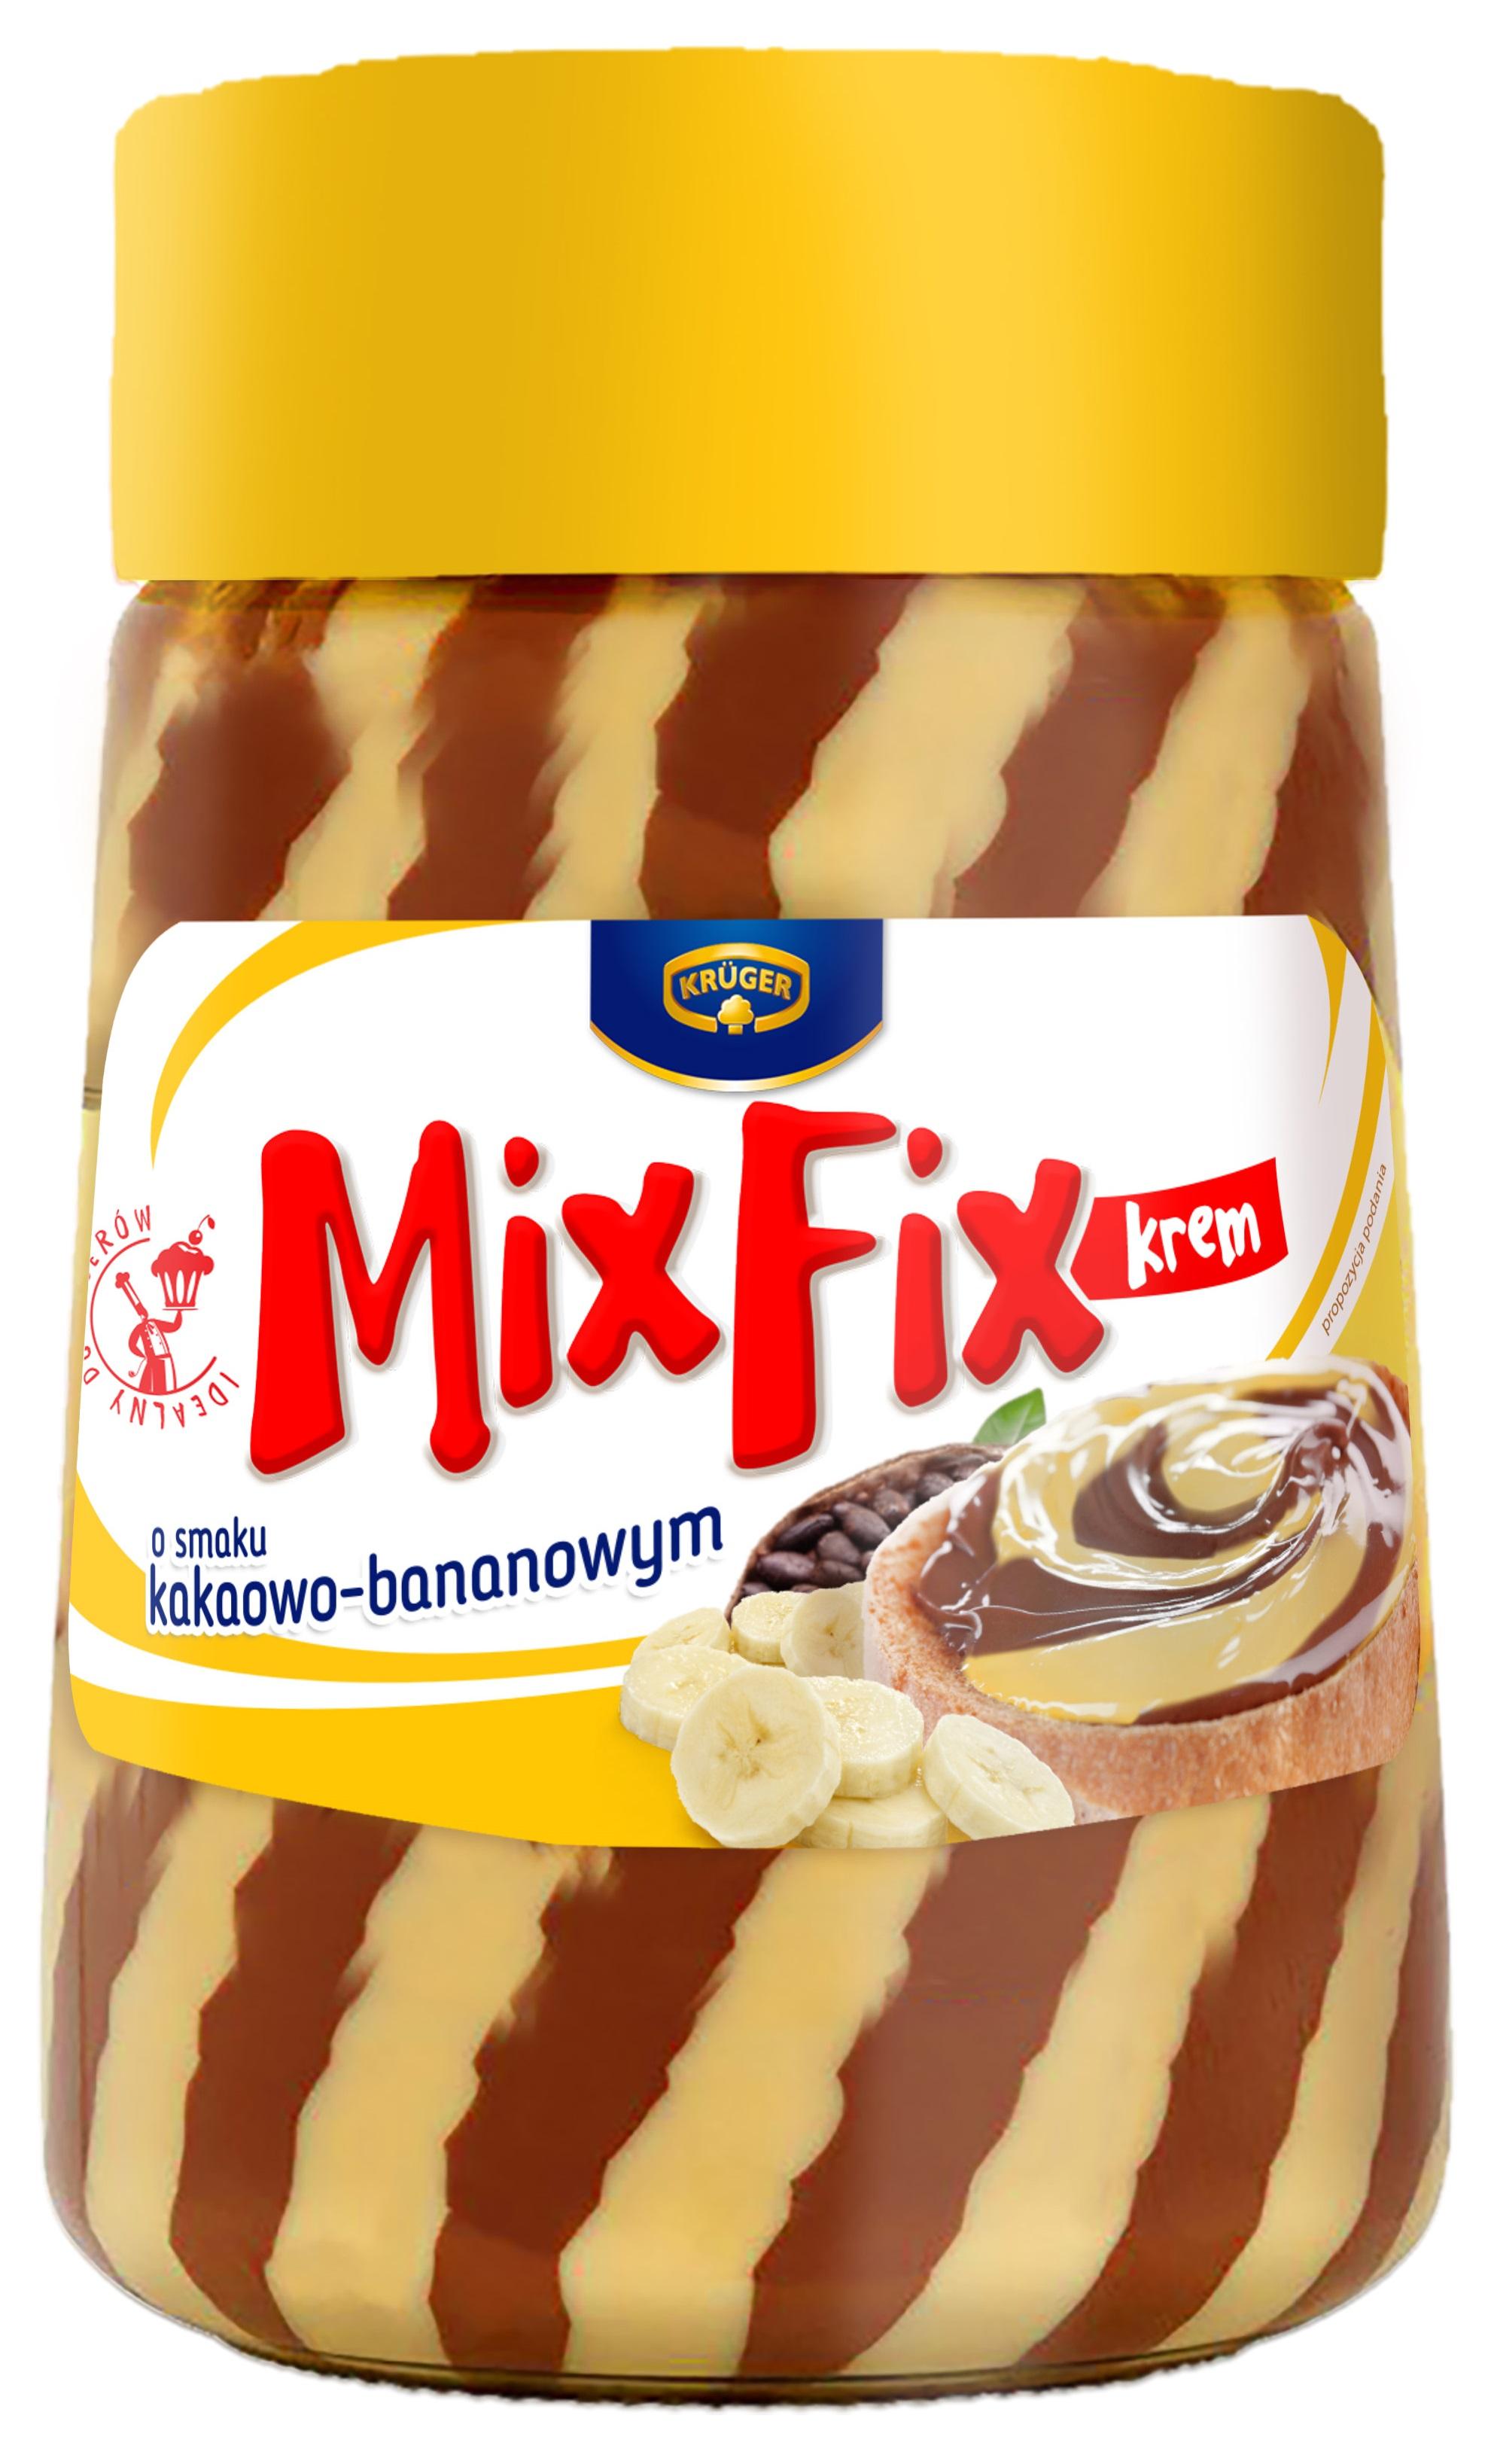 Krüger Miss Muuufi crema con sabor a cacao y plátano